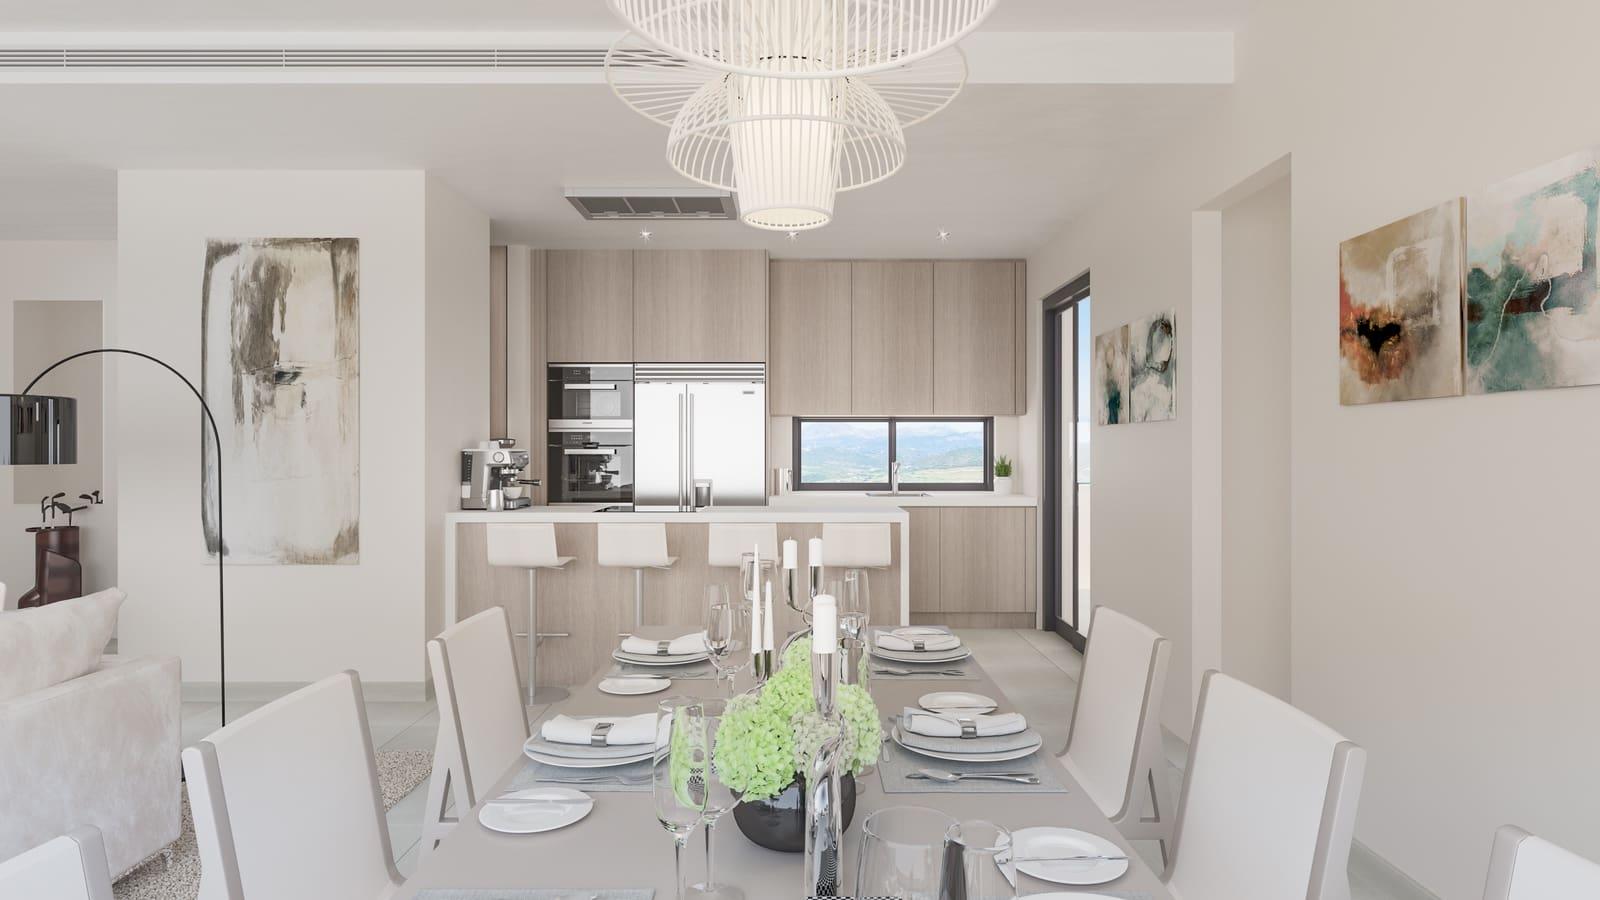 3 quarto Casa em Banda para venda em Casares com piscina - 690 000 € (Ref: 4058185)